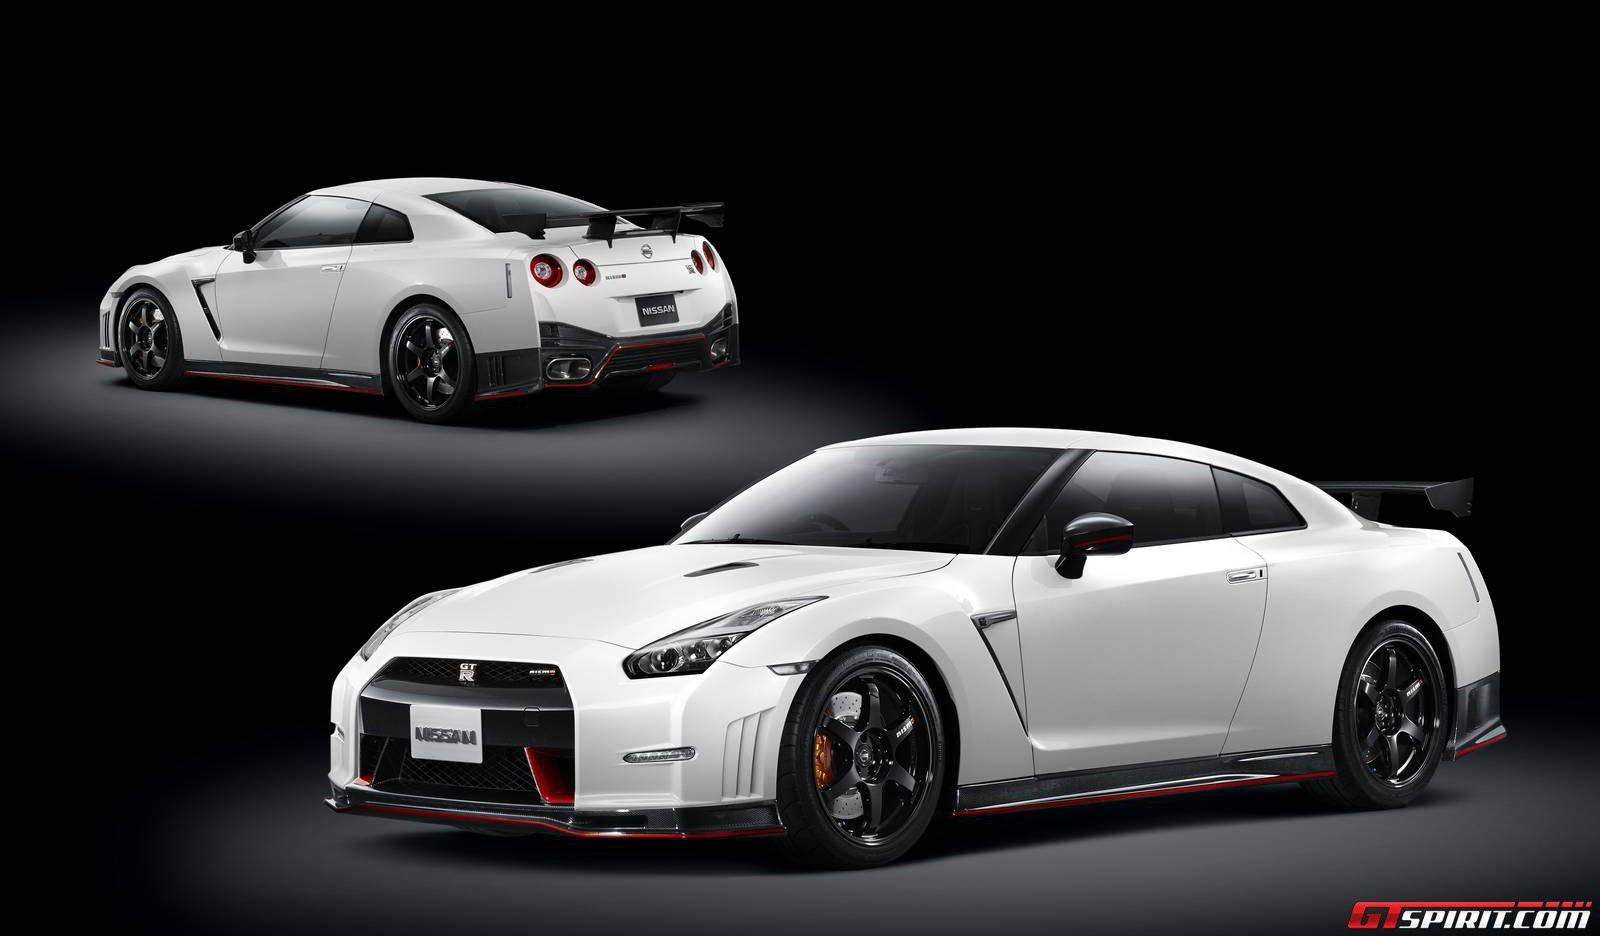 Elegant 2014 Nissan GT R Nismo